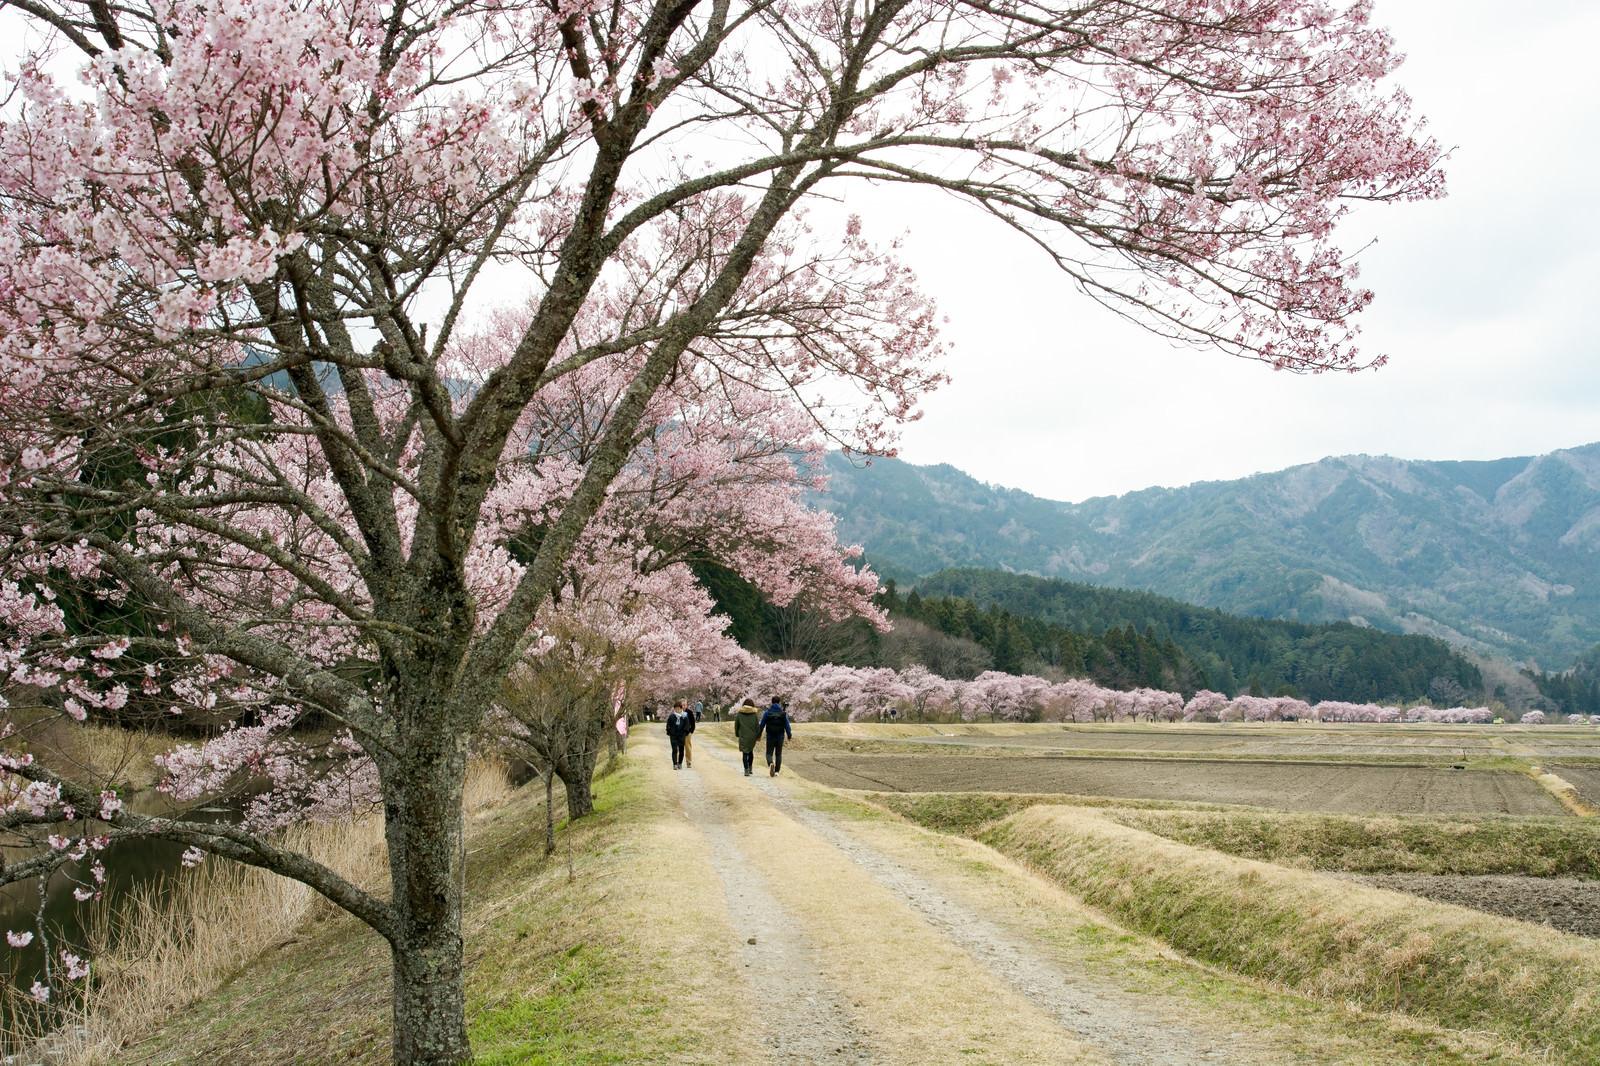 「満開の桜並木を楽しむ人々(名倉のコヒガンザクラ並木)」の写真